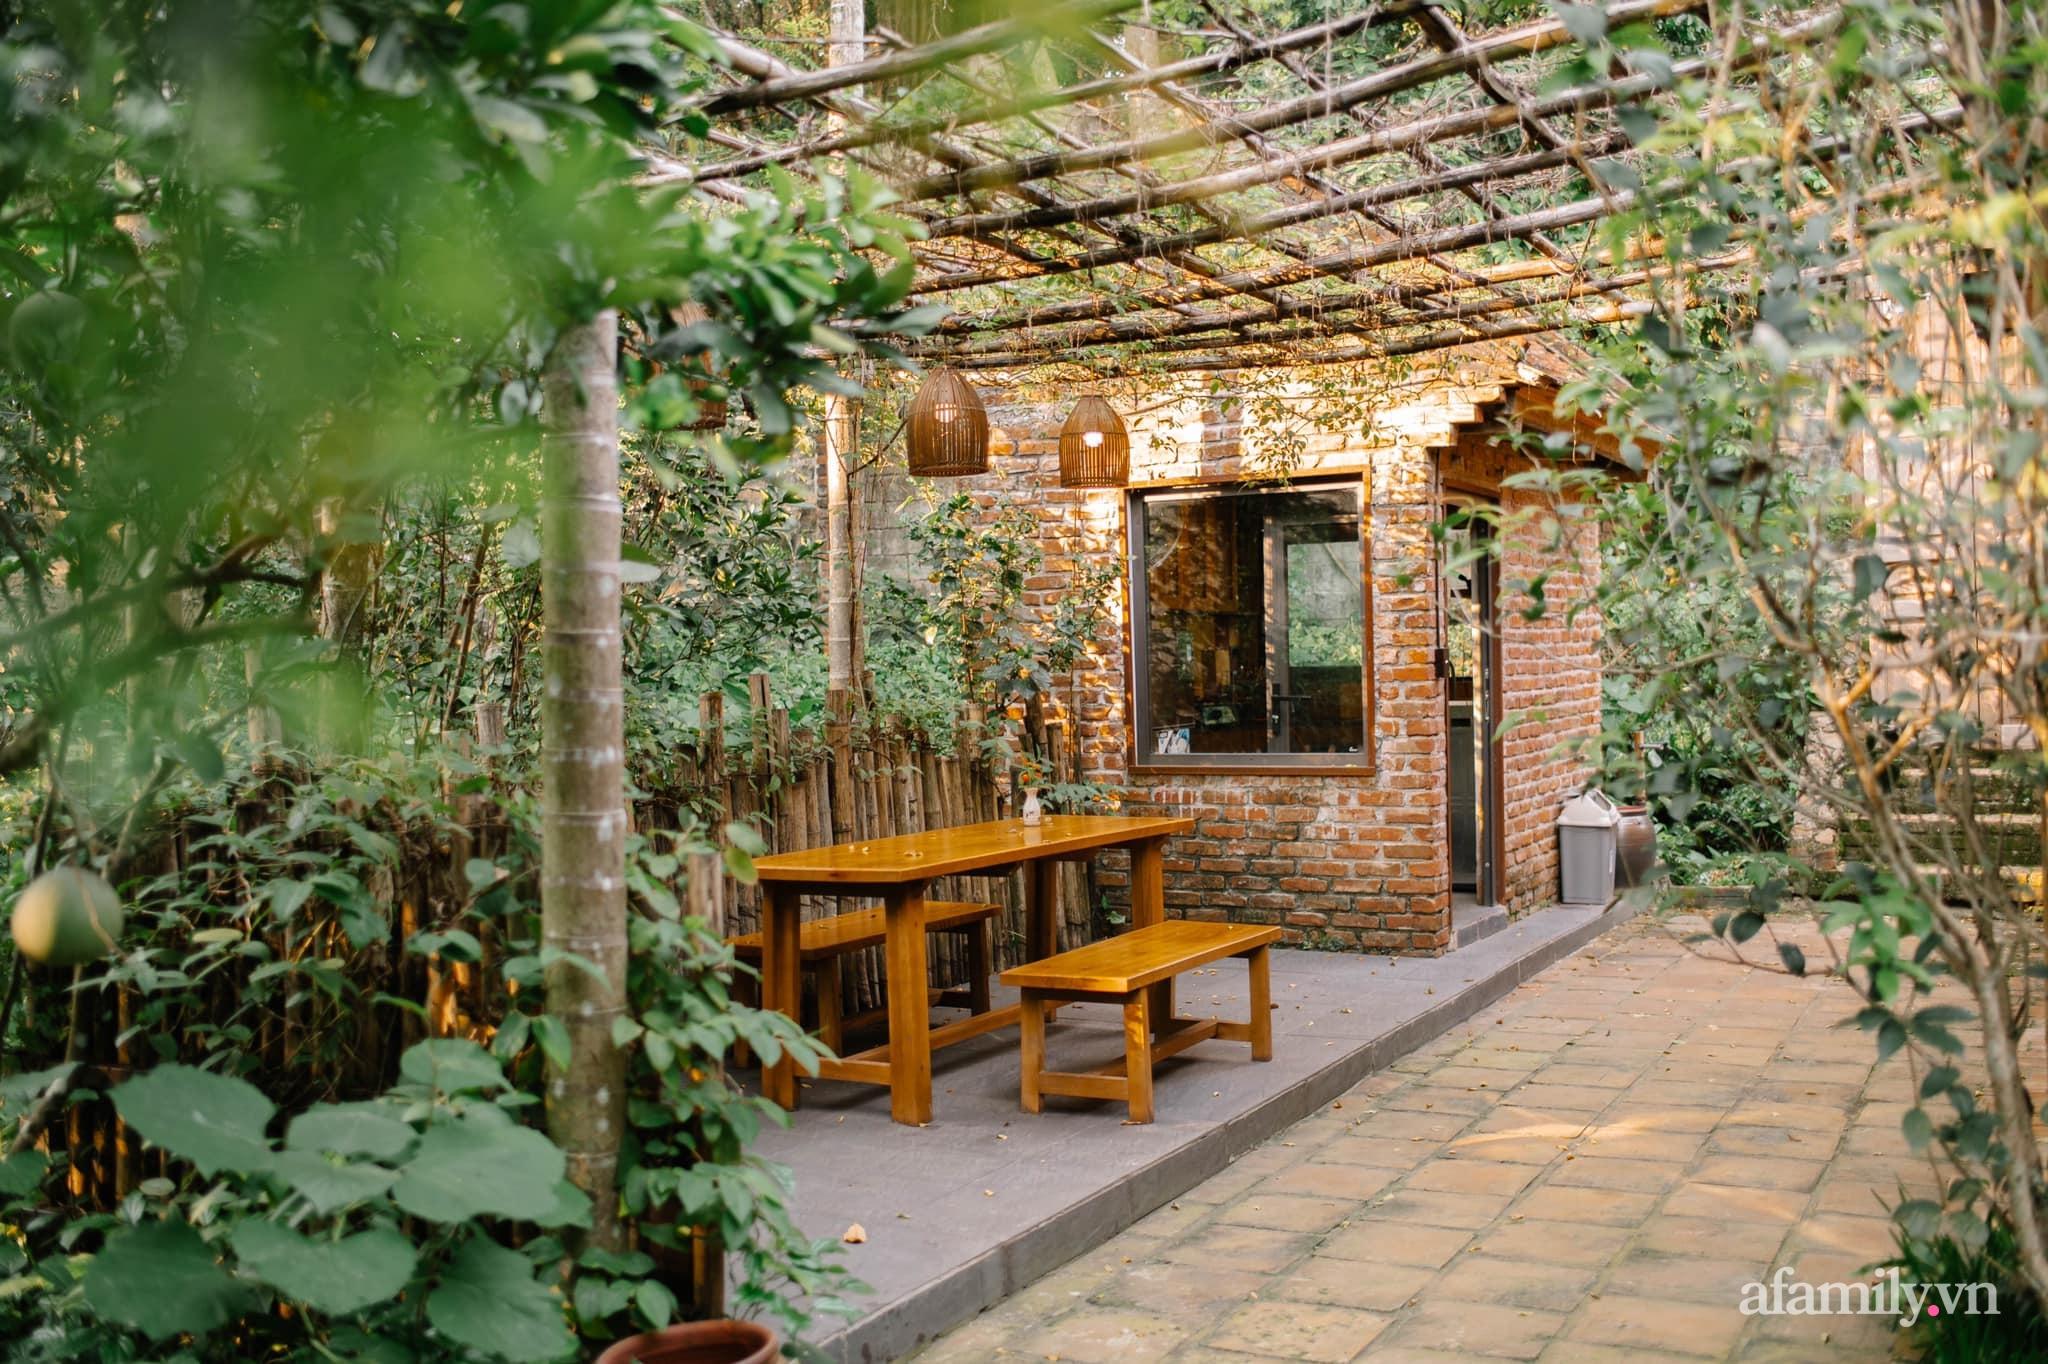 Cải tạo không gian rêu phong thành nhà vườn gói ghém những bình yên của người phụ nữ Hà Thành - Ảnh 3.